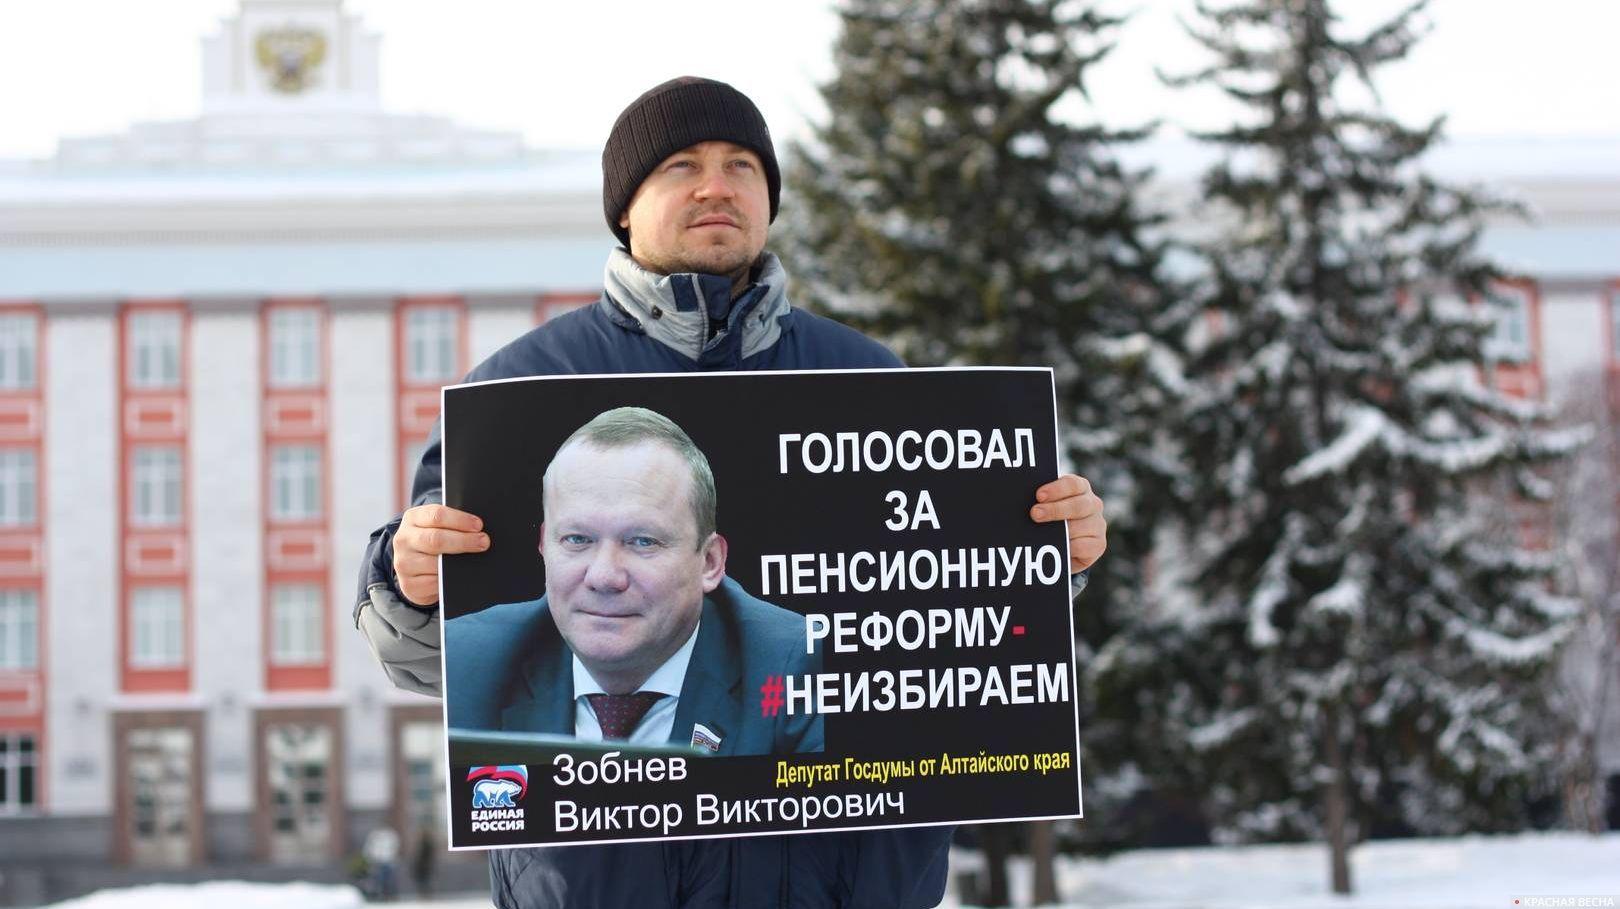 Пикет против пенсионной реформы. Барнаул